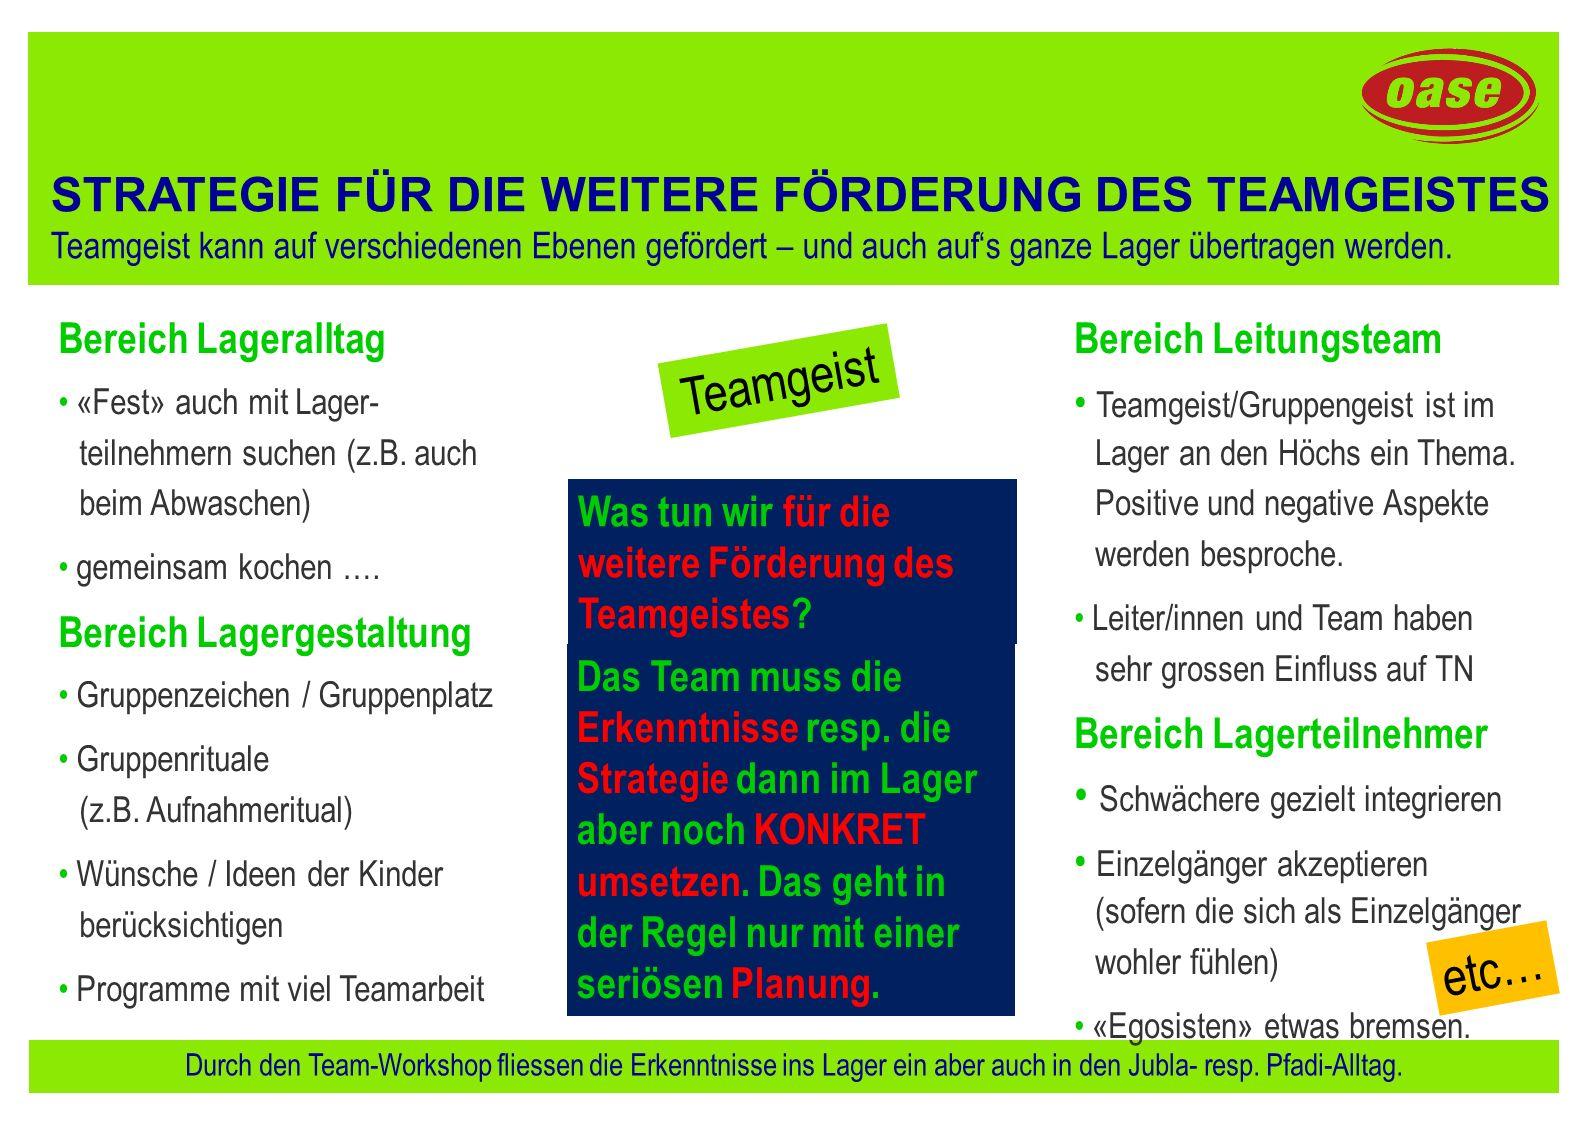 Teamgeist etc… STRATEGIE FÜR DIE WEITERE FÖRDERUNG DES TEAMGEISTES